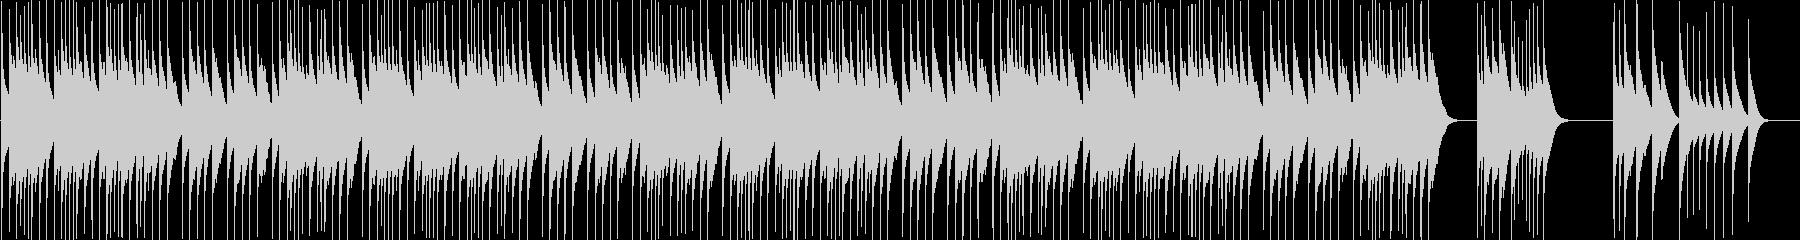 【オルゴール】クリスマス曲Wewish2の未再生の波形